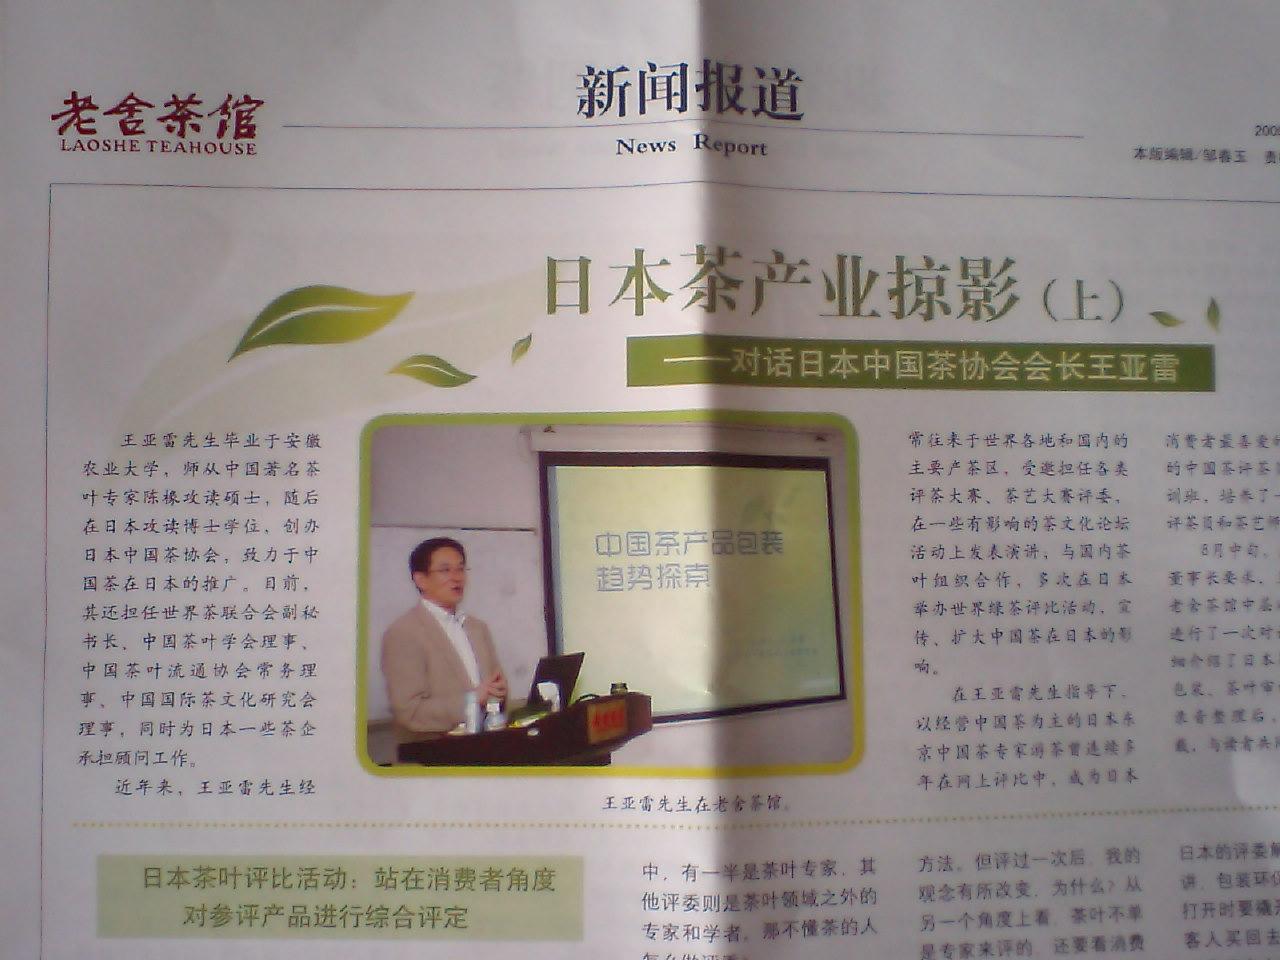 日本中国茶協会会長王亜雷氏 北京で講演_d0027795_12244520.jpg